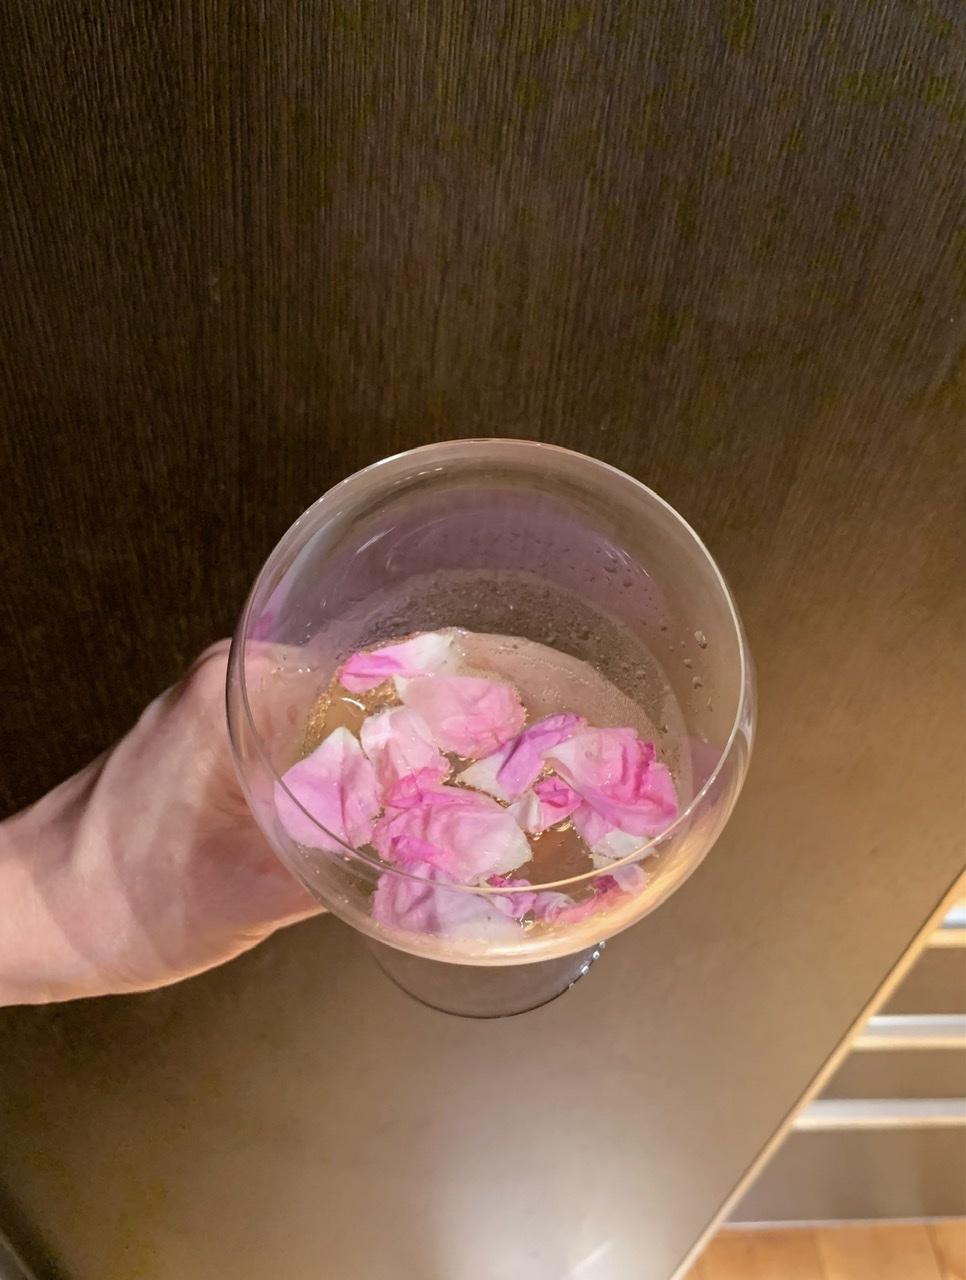 薔薇仕事② 会津花畑蒸留所のダマスクローズ_e0404027_06431220.jpeg